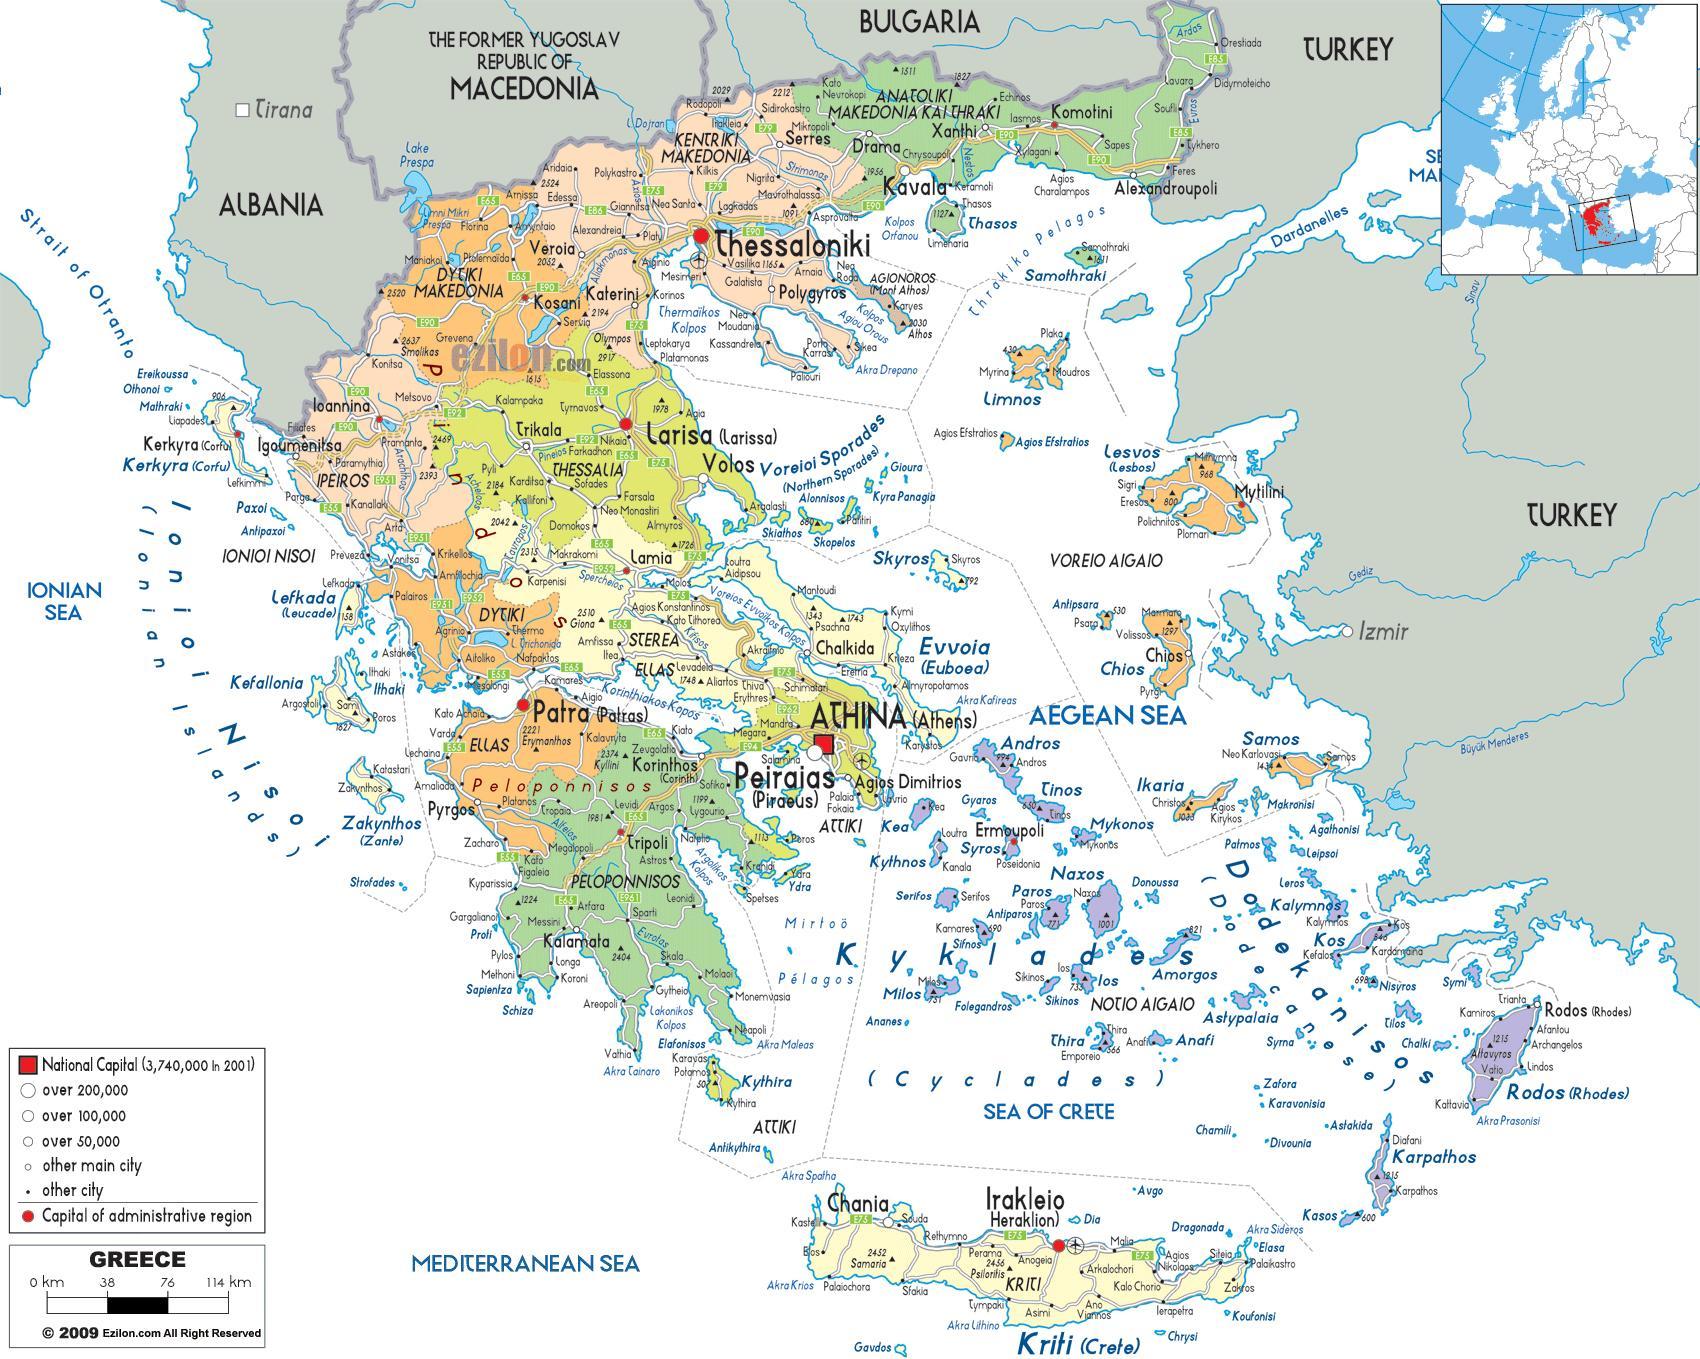 Karte Von Europa Mit Städten.Griechenland Städte Karte Karte Von Griechenland Mit Den Städten